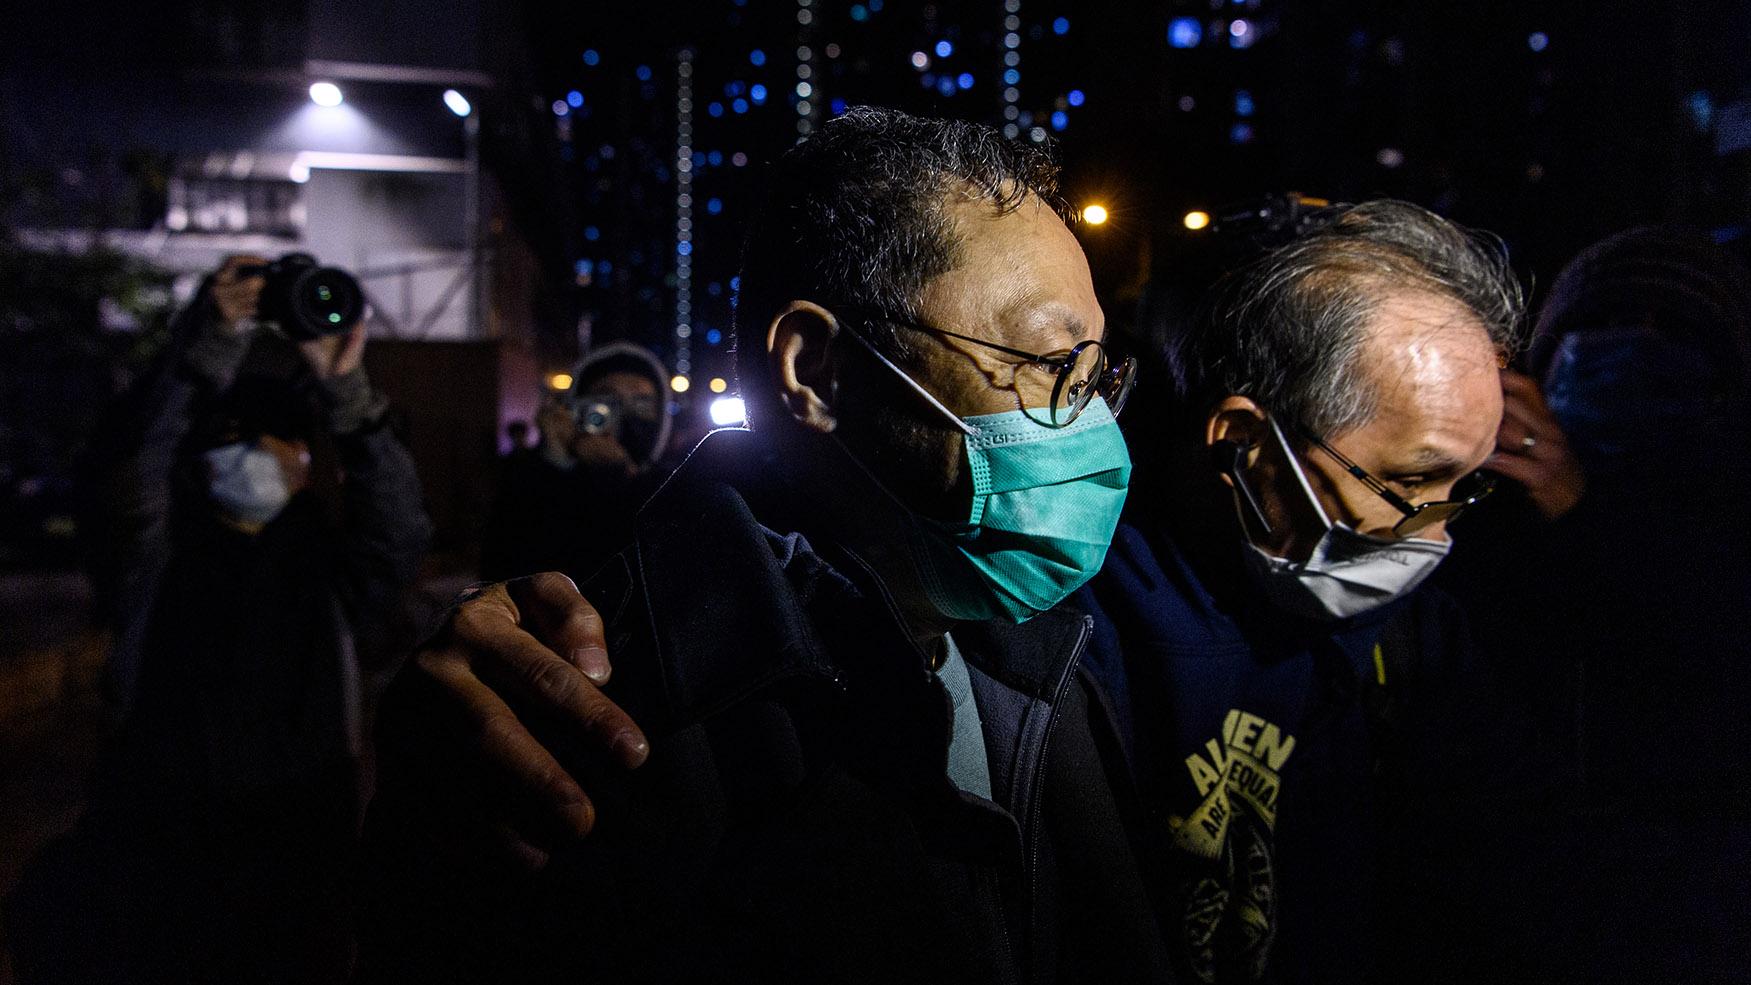 戴耀廷获得保释。(AFP)